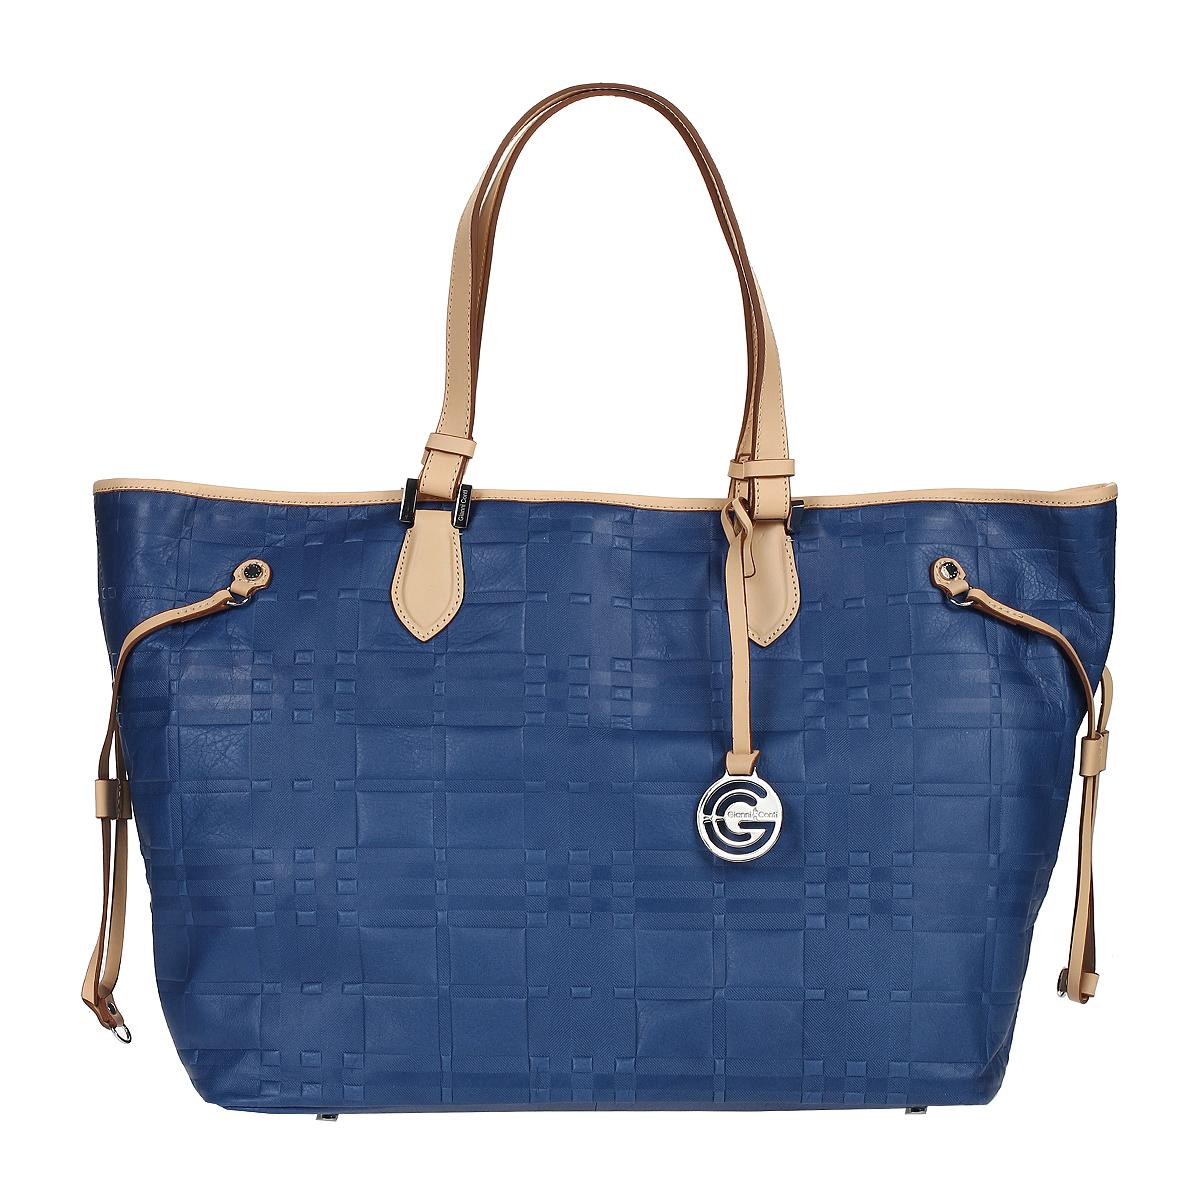 Сумка женская Gianni Conti, цвет: синий, бежевый. 1636896E blue sand3-47670-00504Стильная женская сумка Gianni Conti выполнена из натуральной кожи синего и бежевого цвета с оригинальным тиснением. Сумка имеет одно отделение, закрывающееся на застежку карабин. Внутри расположен вшитый карман на молнии, два кармашка для мелочей и один кармашек для пишущих принадлежностей. На дне сумки расположены ножки для лучшей устойчивости. Сумка оснащена удобными ручками и украшена подвеской с символикой бренда. Фурнитура - серебристого цвета. В комплекте имеется чехол для хранения.Сумка - это стильный аксессуар, который подчеркнет вашу индивидуальность и сделает ваш образ завершенным. Характеристики:Материал: натуральная кожа, металл. Цвет: синий, бежевый. Размер сумки: 55 см х 33 см х 19 см. Высота ручек: 26 см.